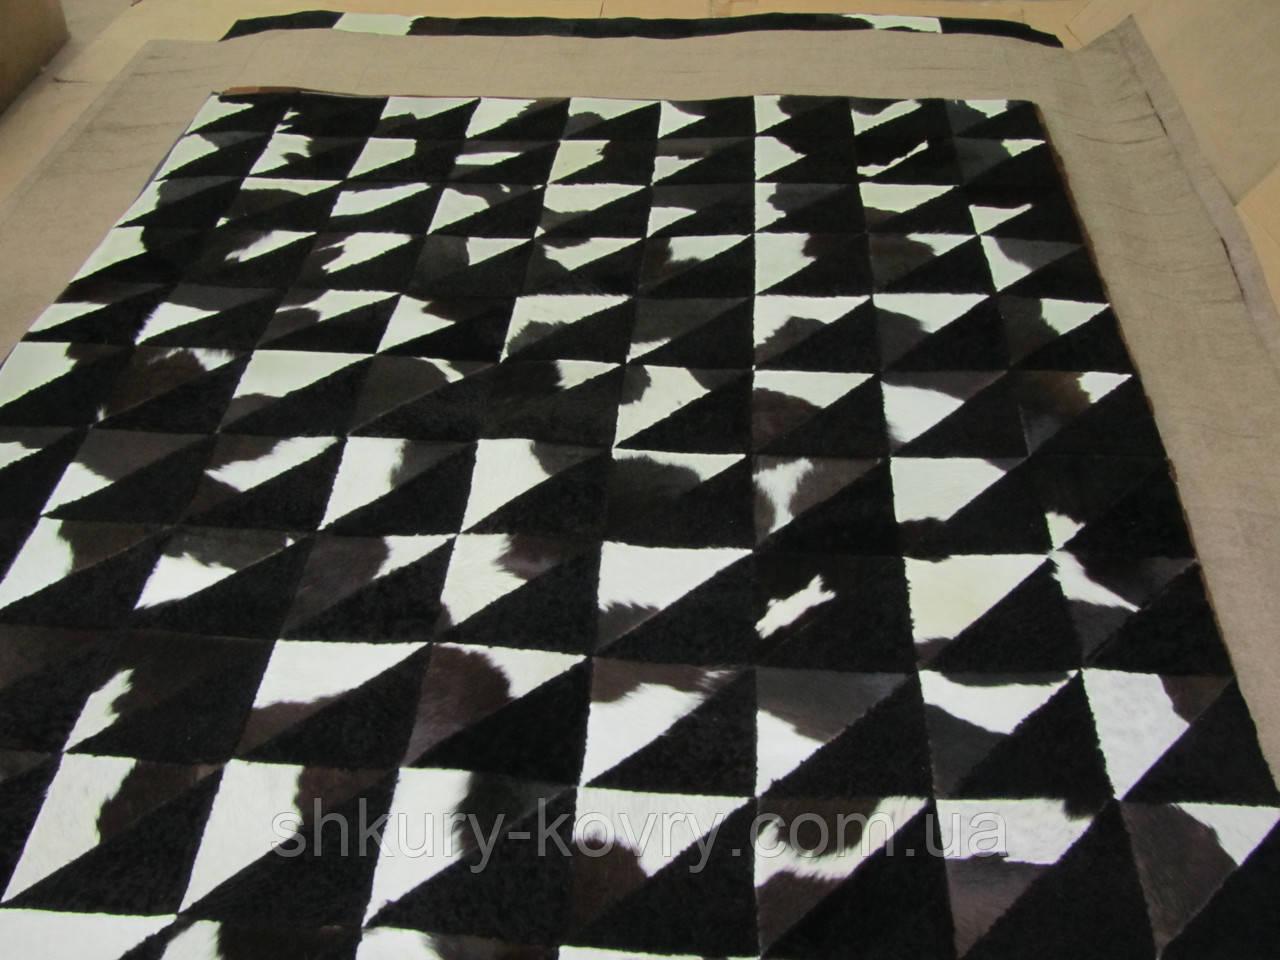 Черно белый ковер из шкуры коовы и цигейки